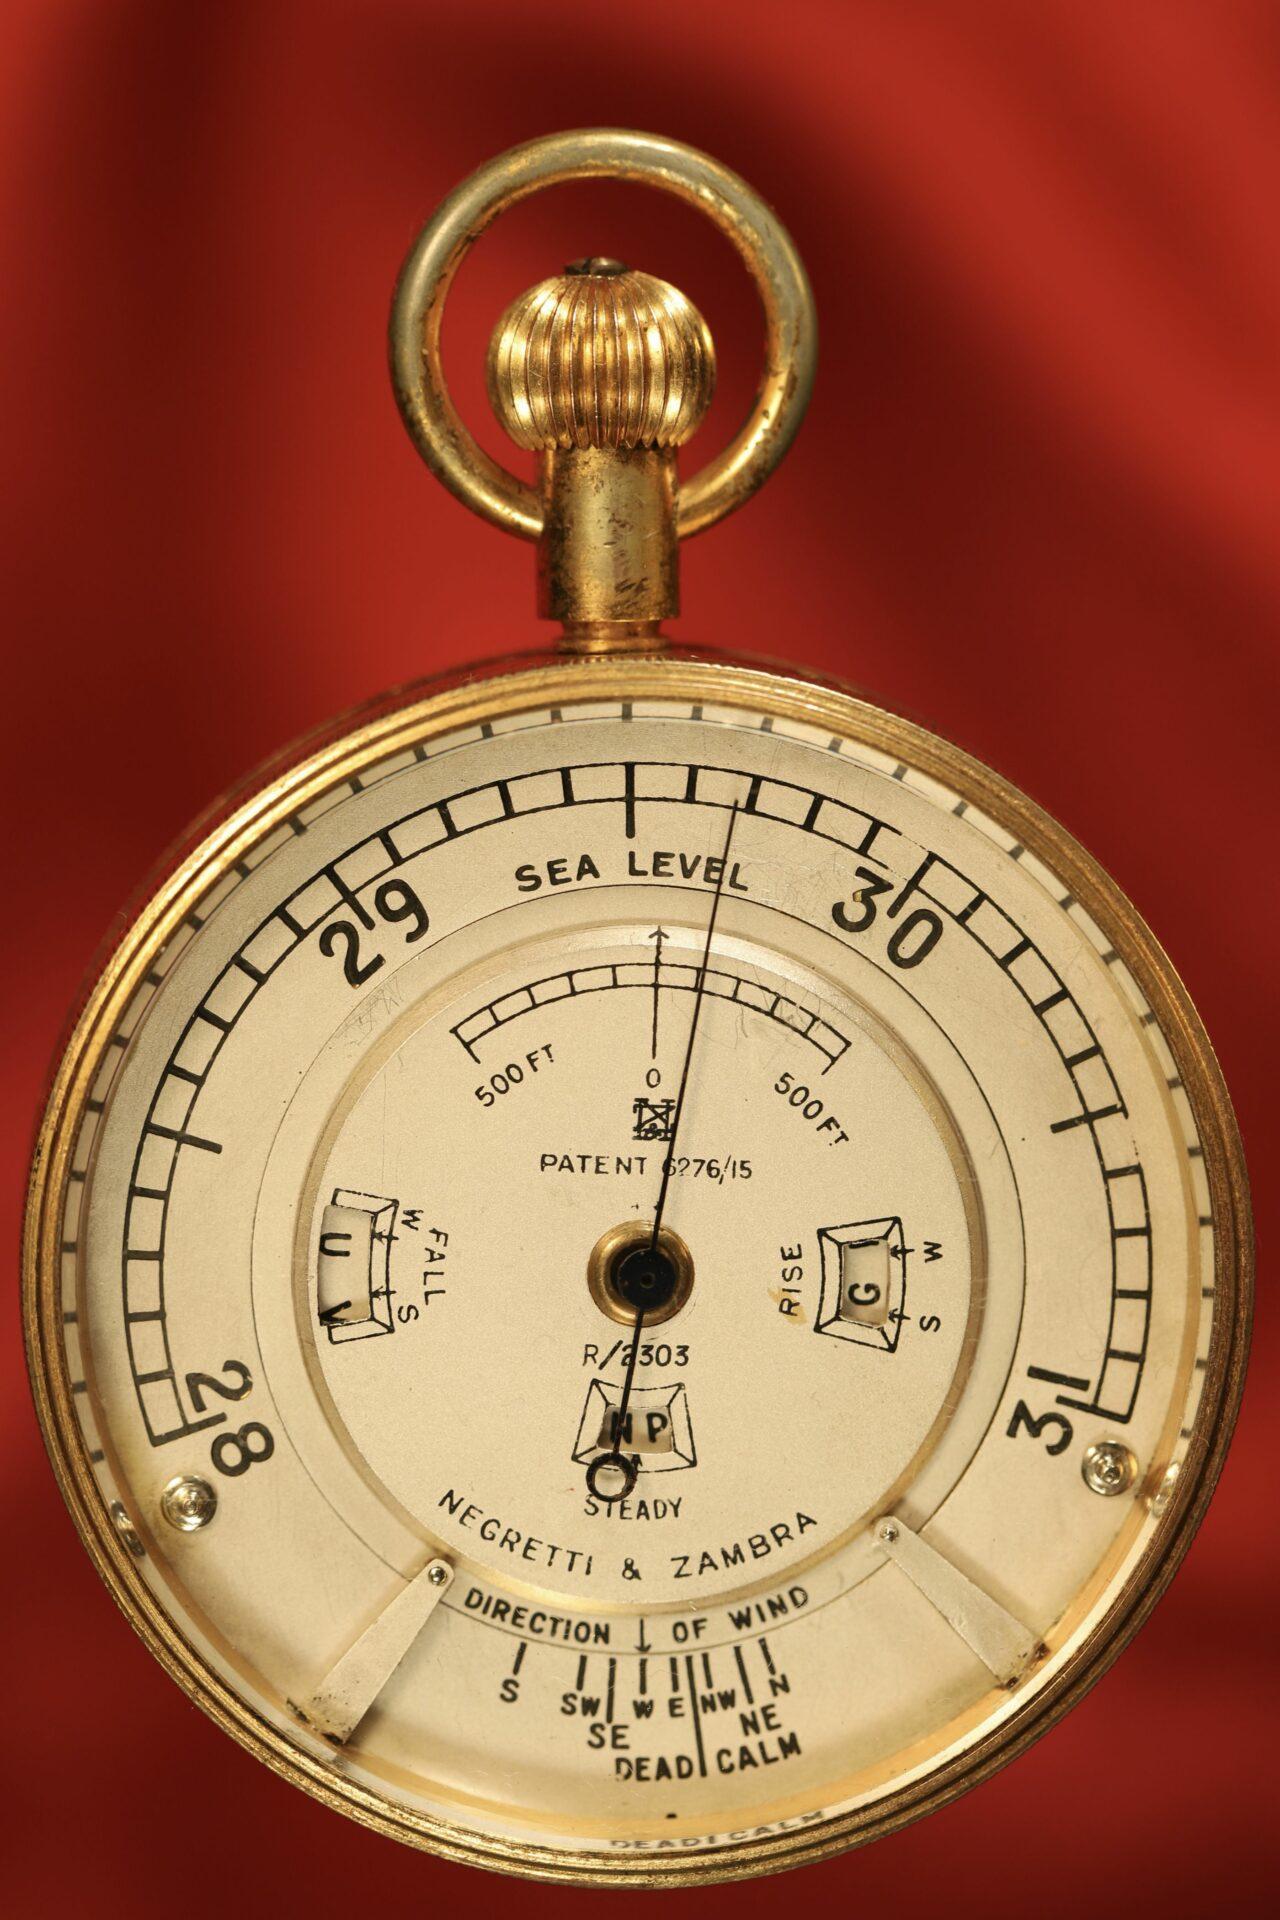 Image of front of Negretti & Zambra Weather Watch No R 2303